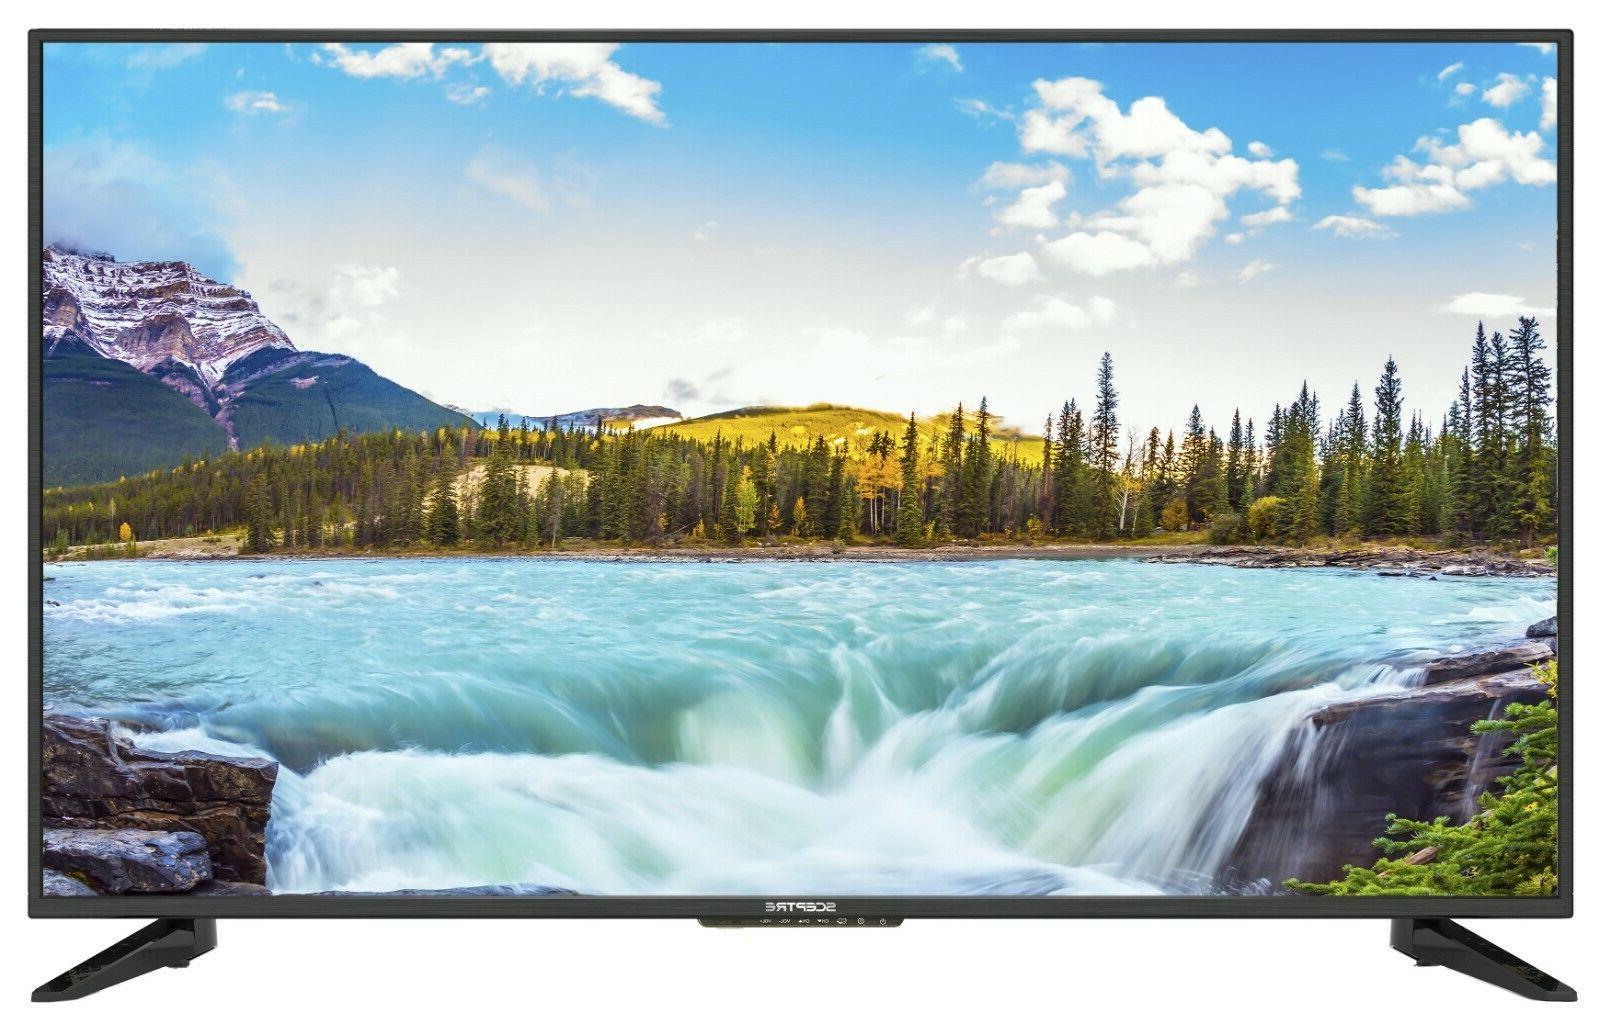 50 inch led hd tv flat screen